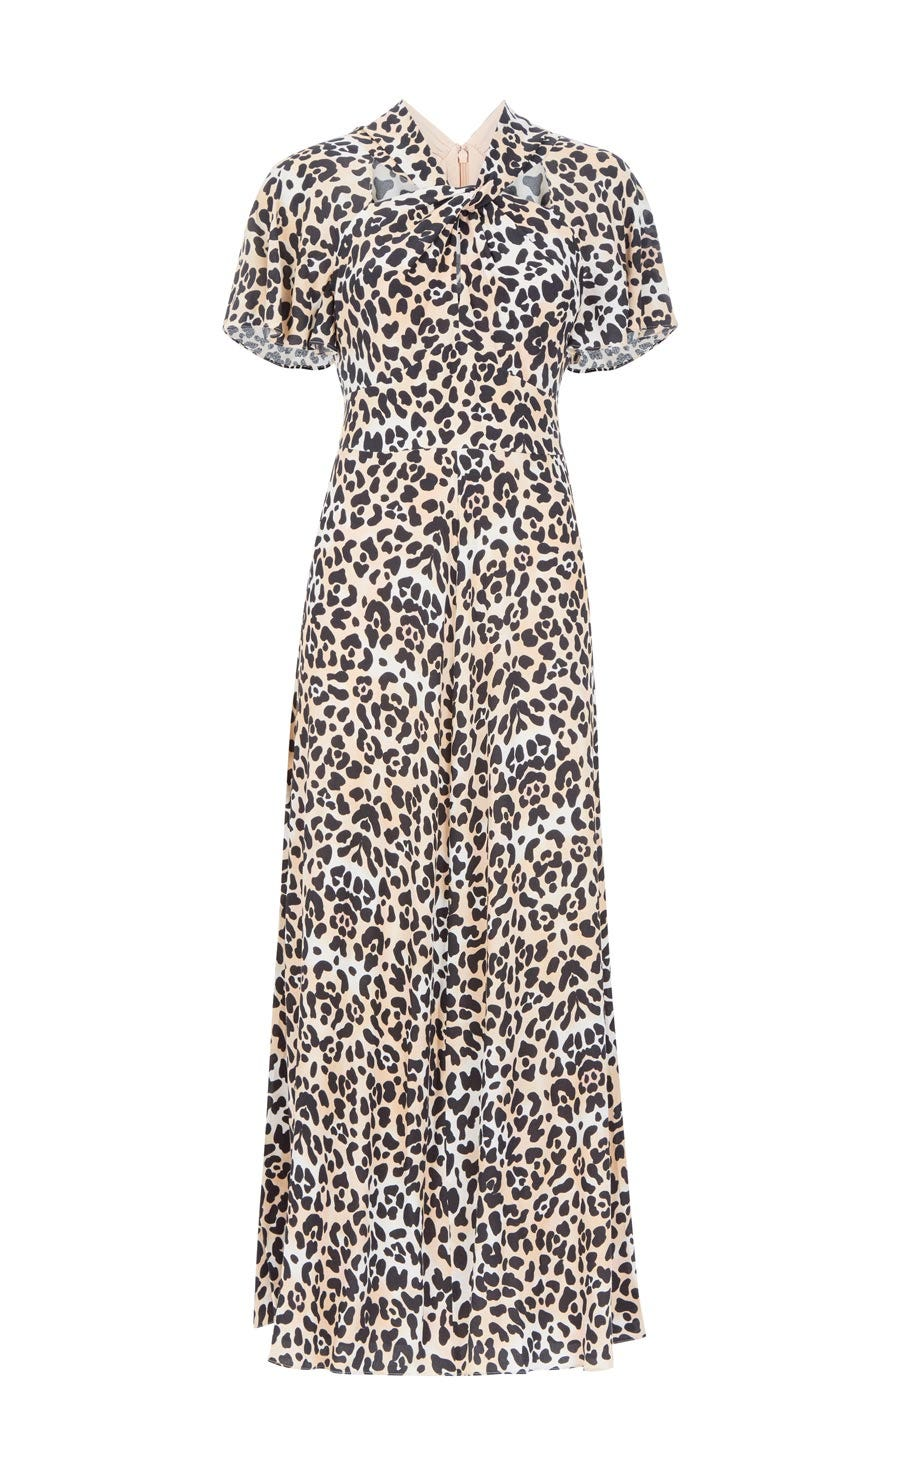 Wild Cat Midi Dress